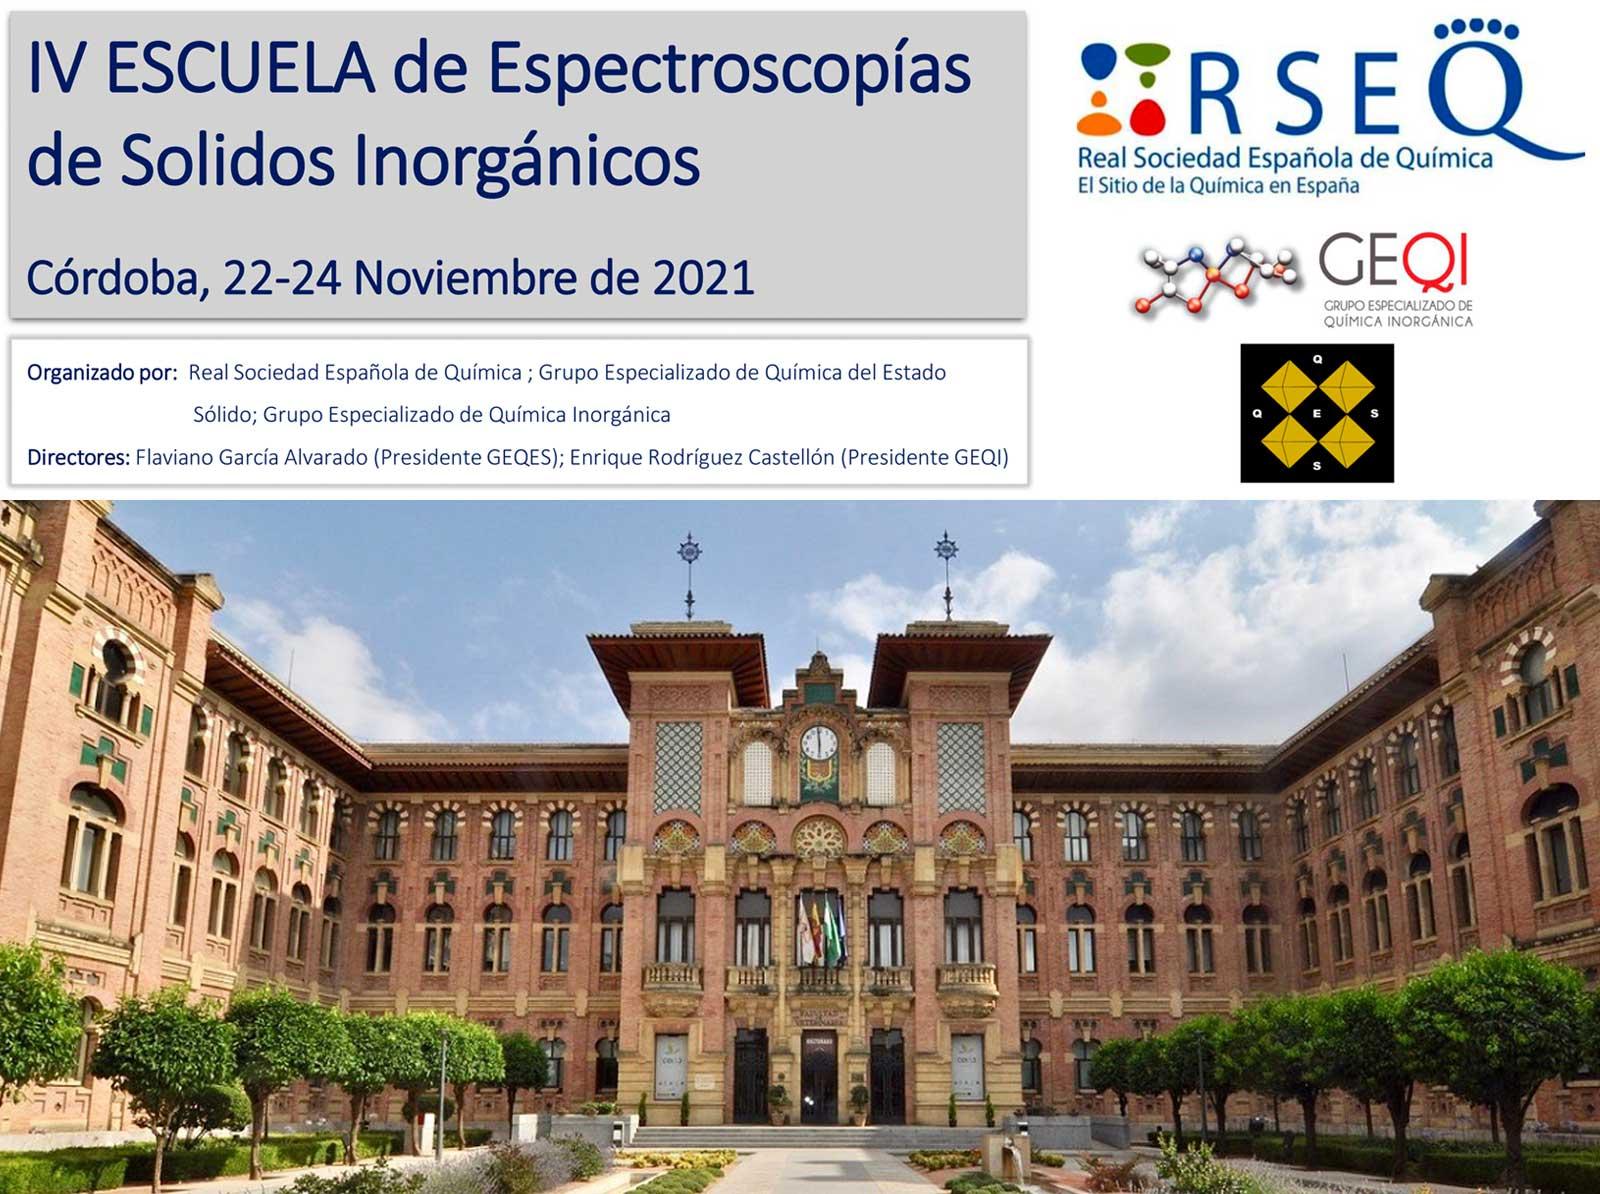 IV-Escuela-Espectroscopías-Solidos-Inorgánicos-GEQI